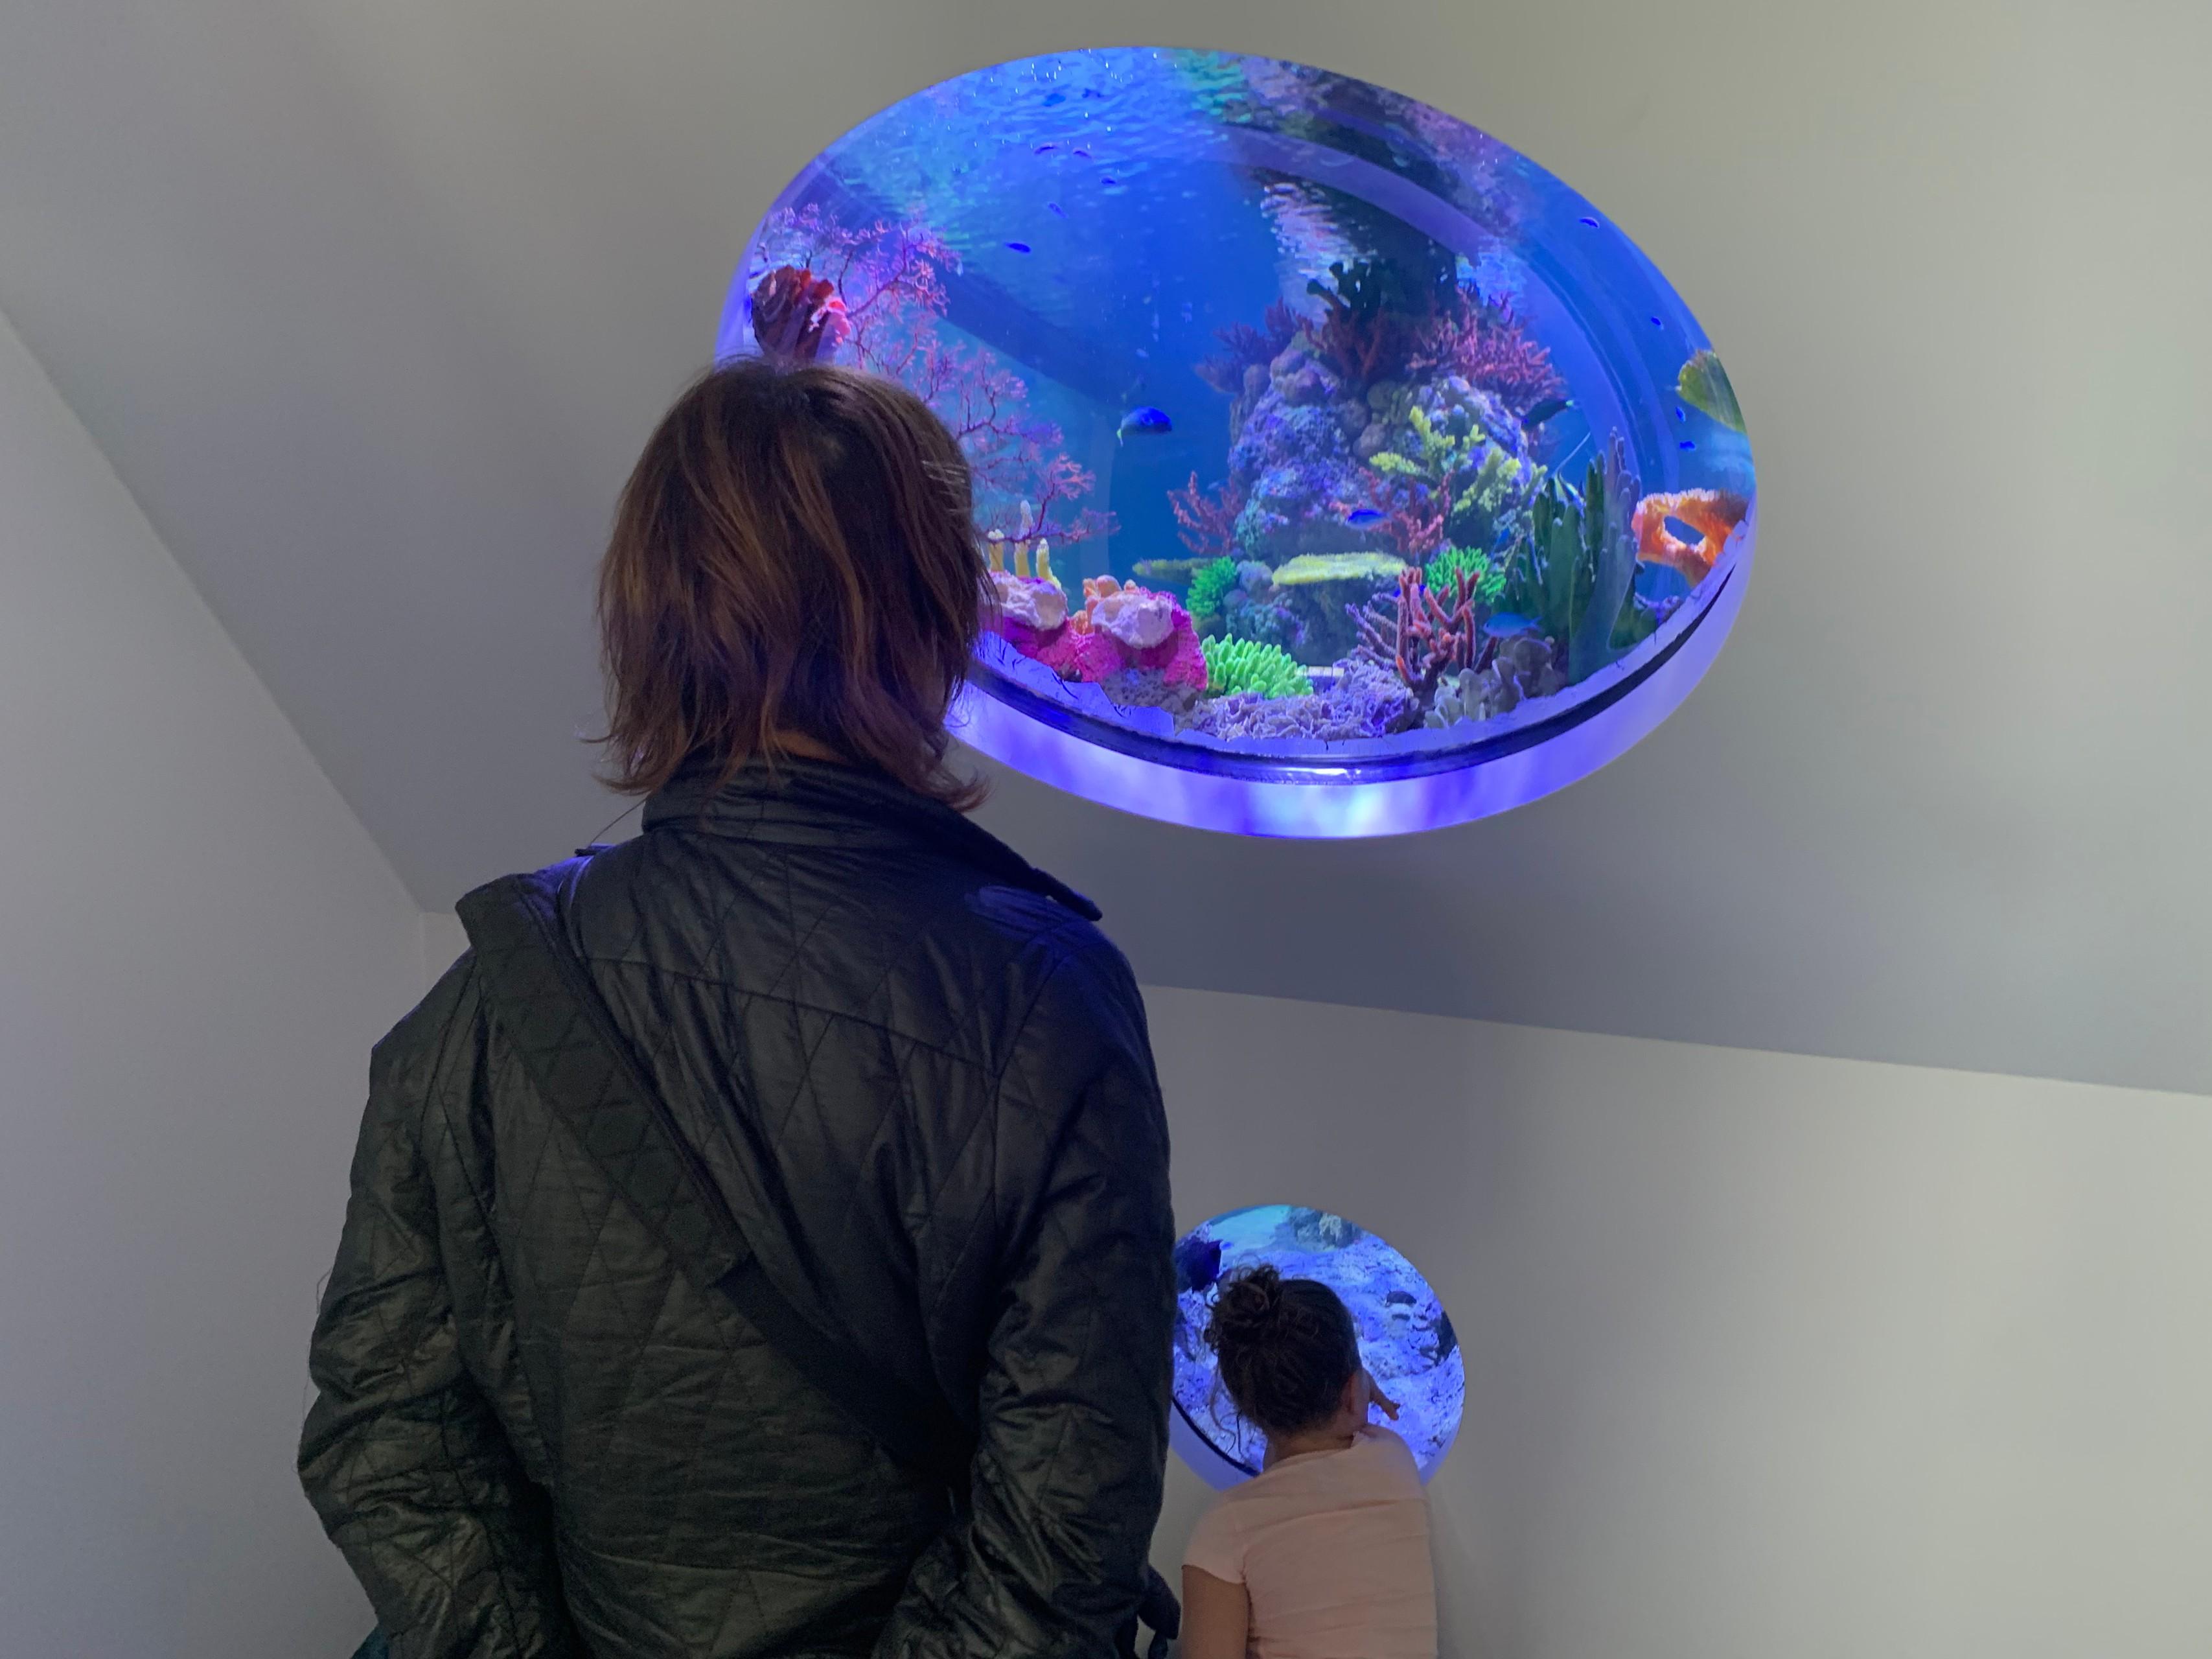 Aquarium - Whitsundays Airport